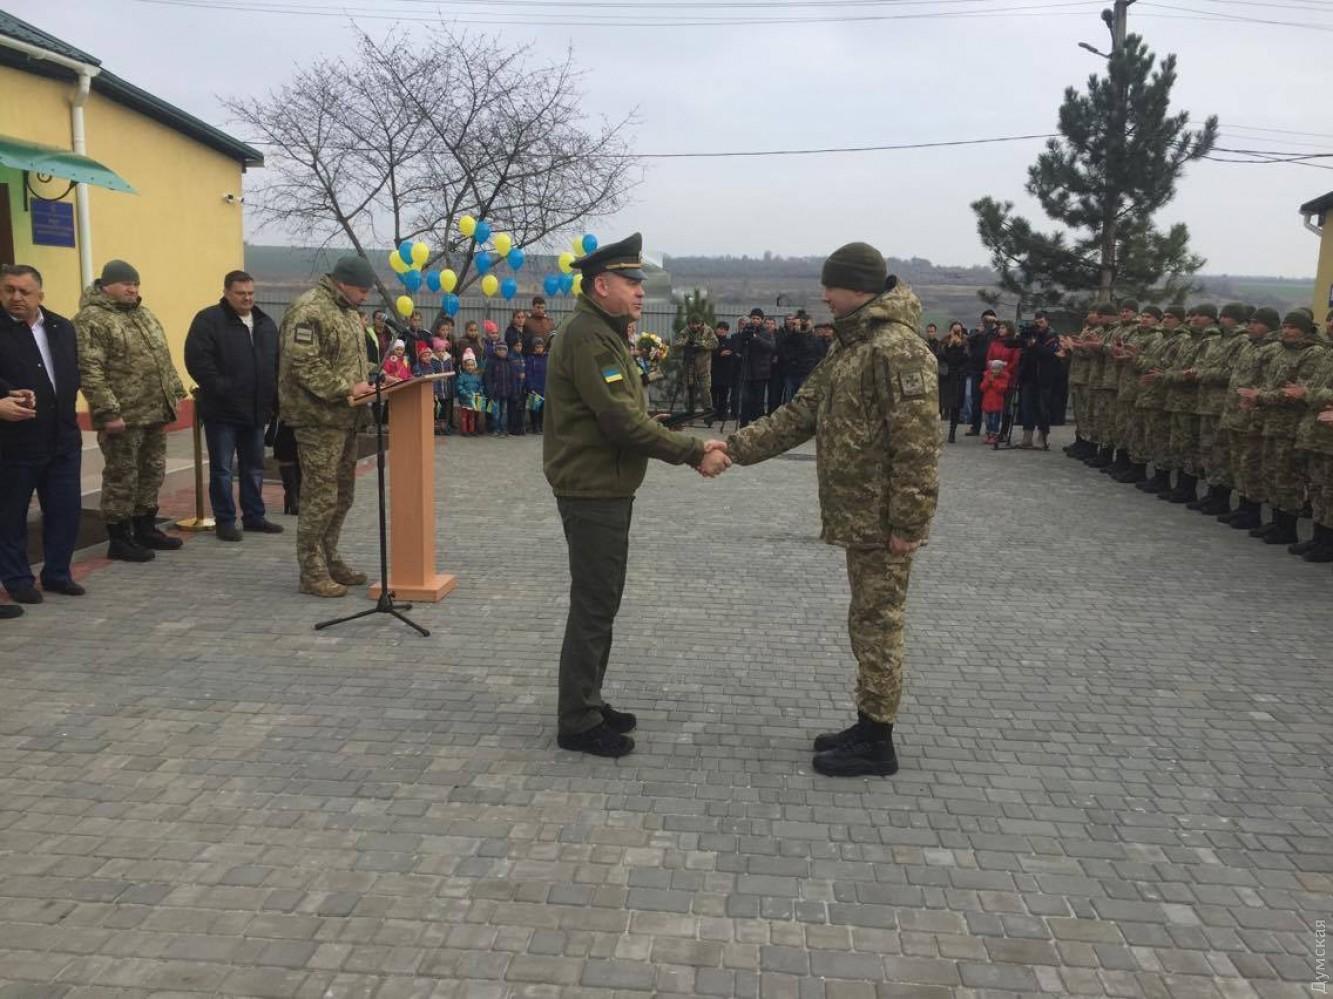 ВОдесской области открыли обновленное подразделение погранотряда, обслуживающего украинско-молдавскую границу